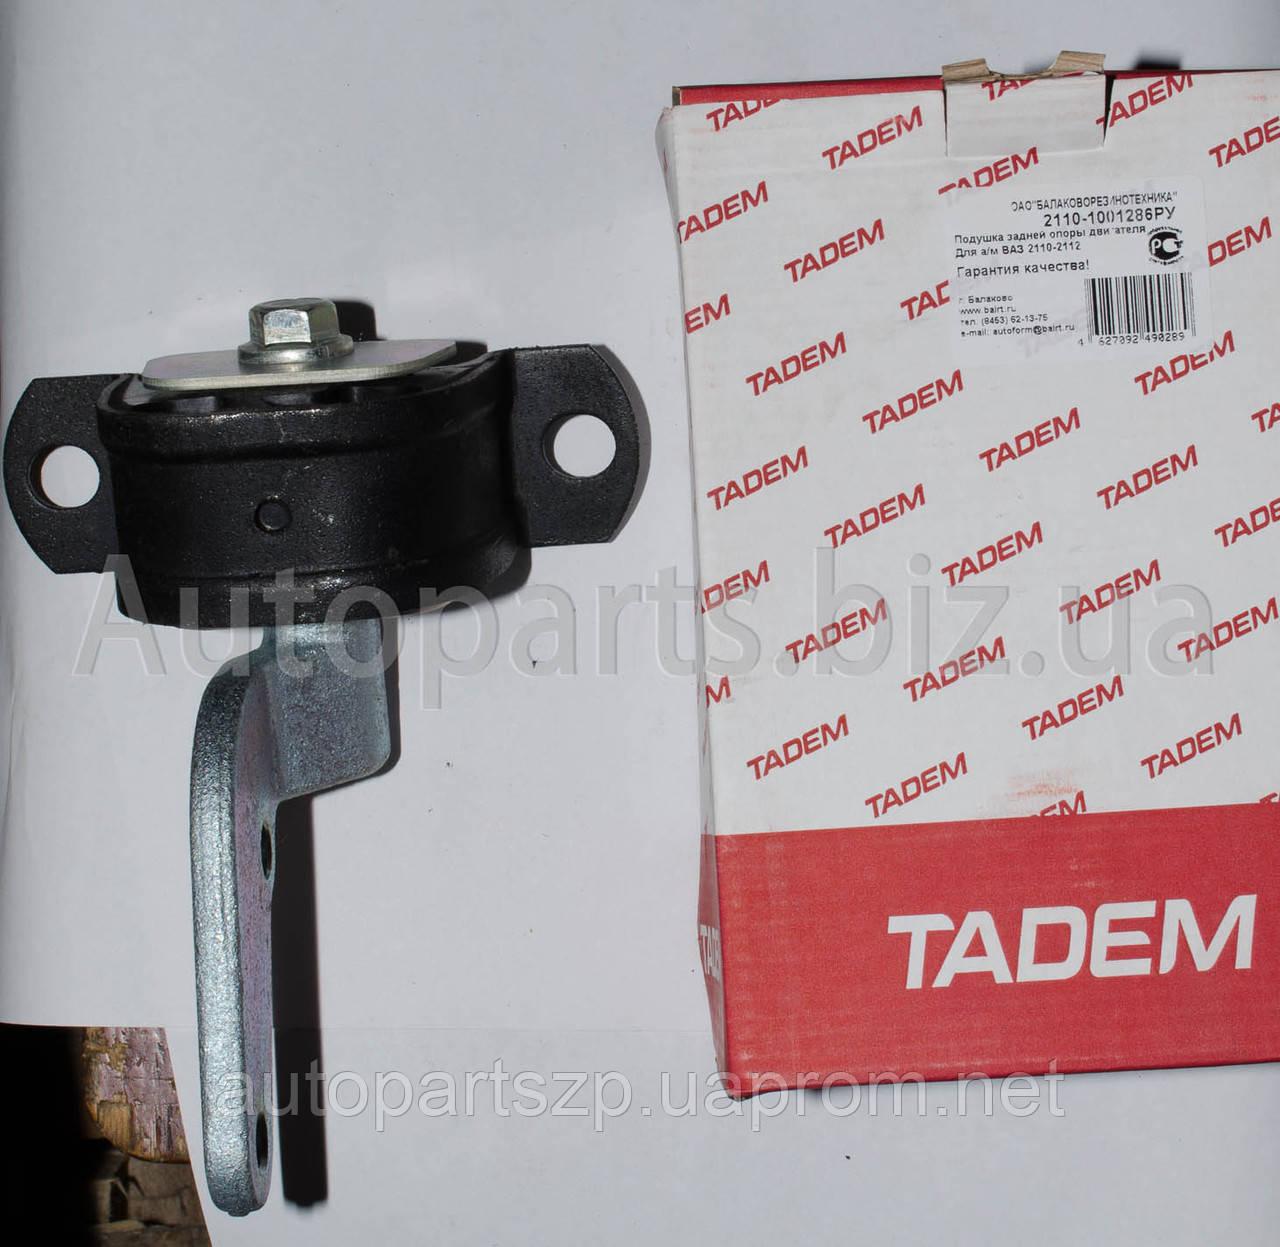 Опора двигателя ваз-2110 задняя в сборе rosteco 20047